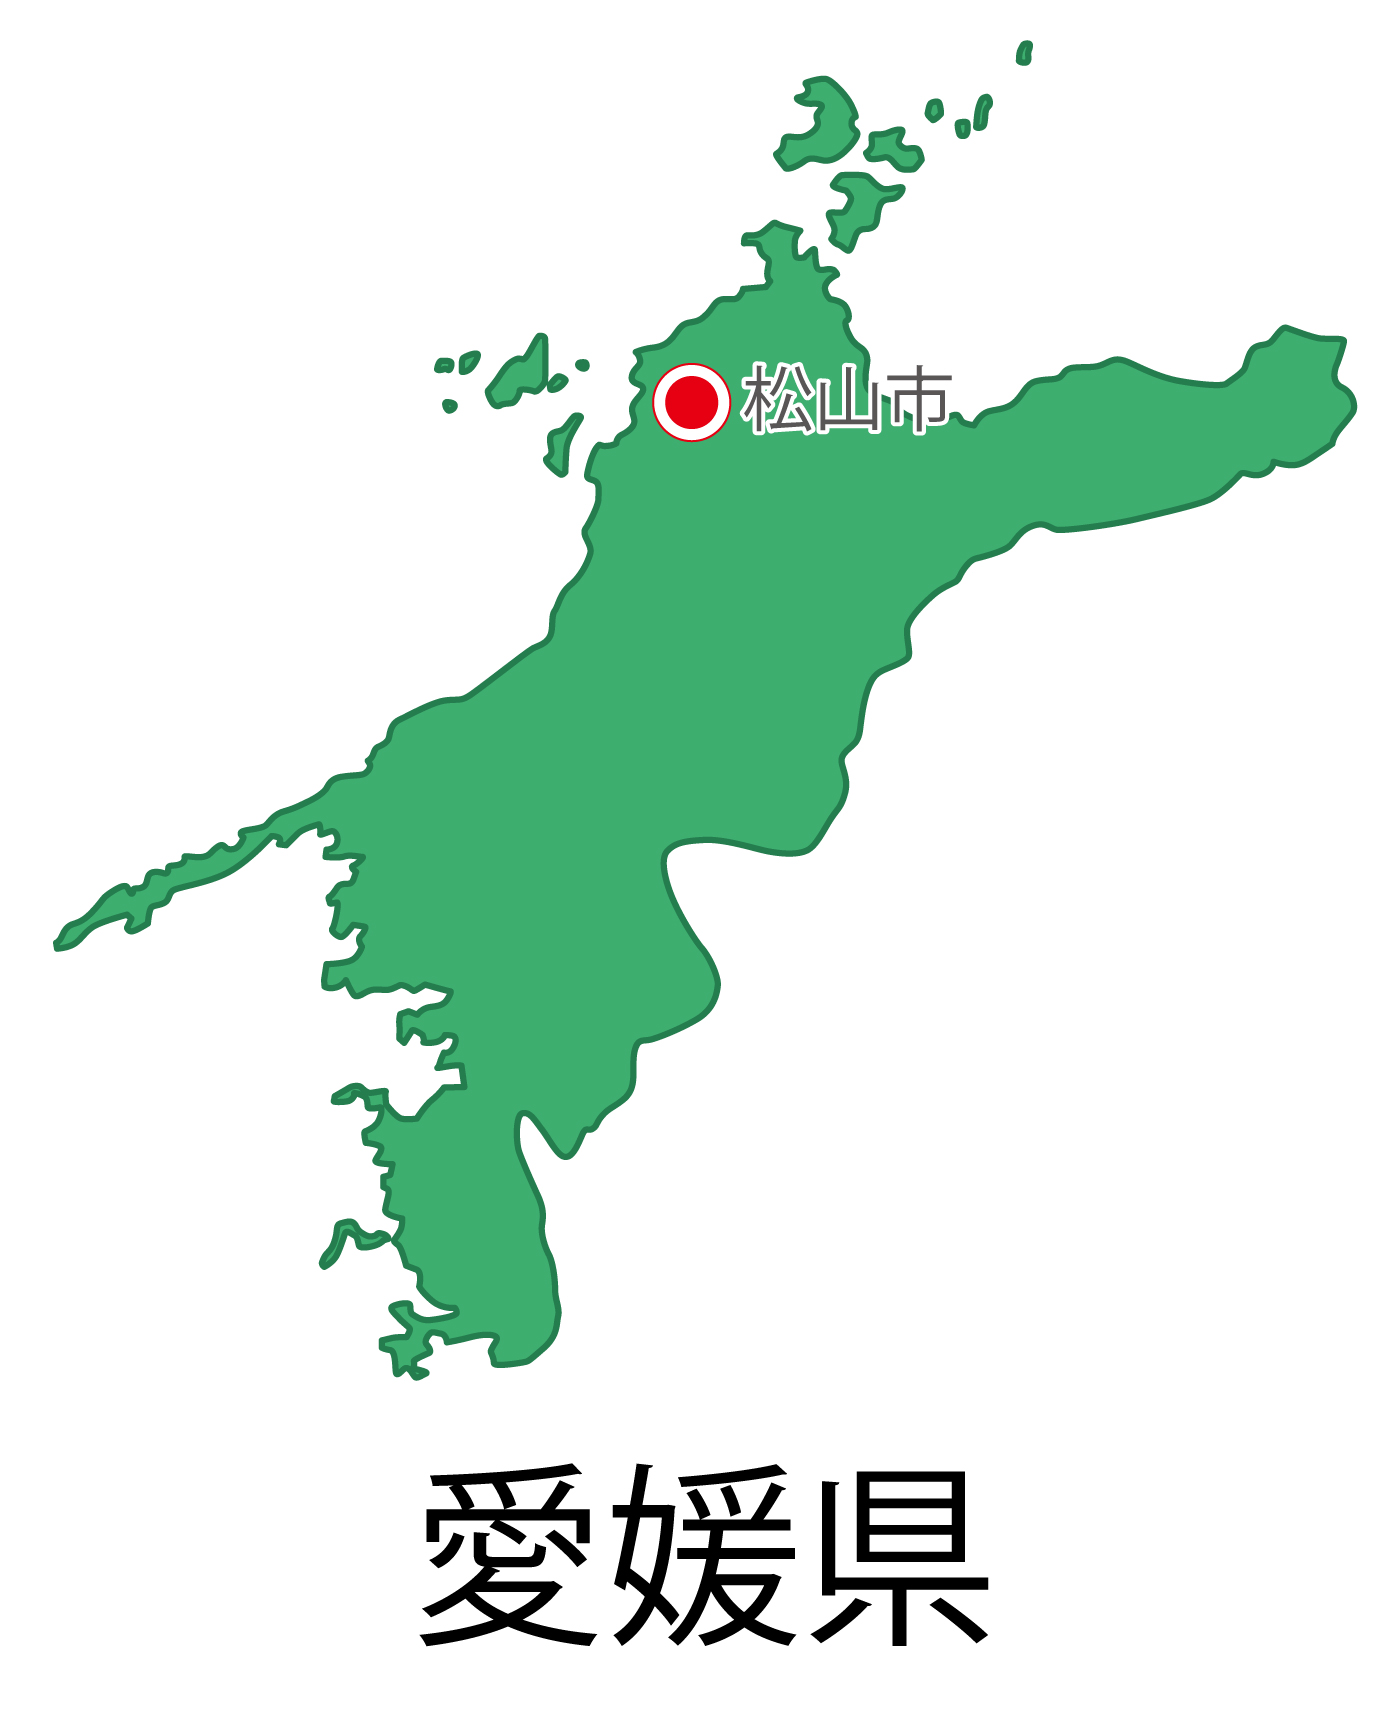 愛媛県無料フリーイラスト|日本語・都道府県名あり・県庁所在地あり(緑)